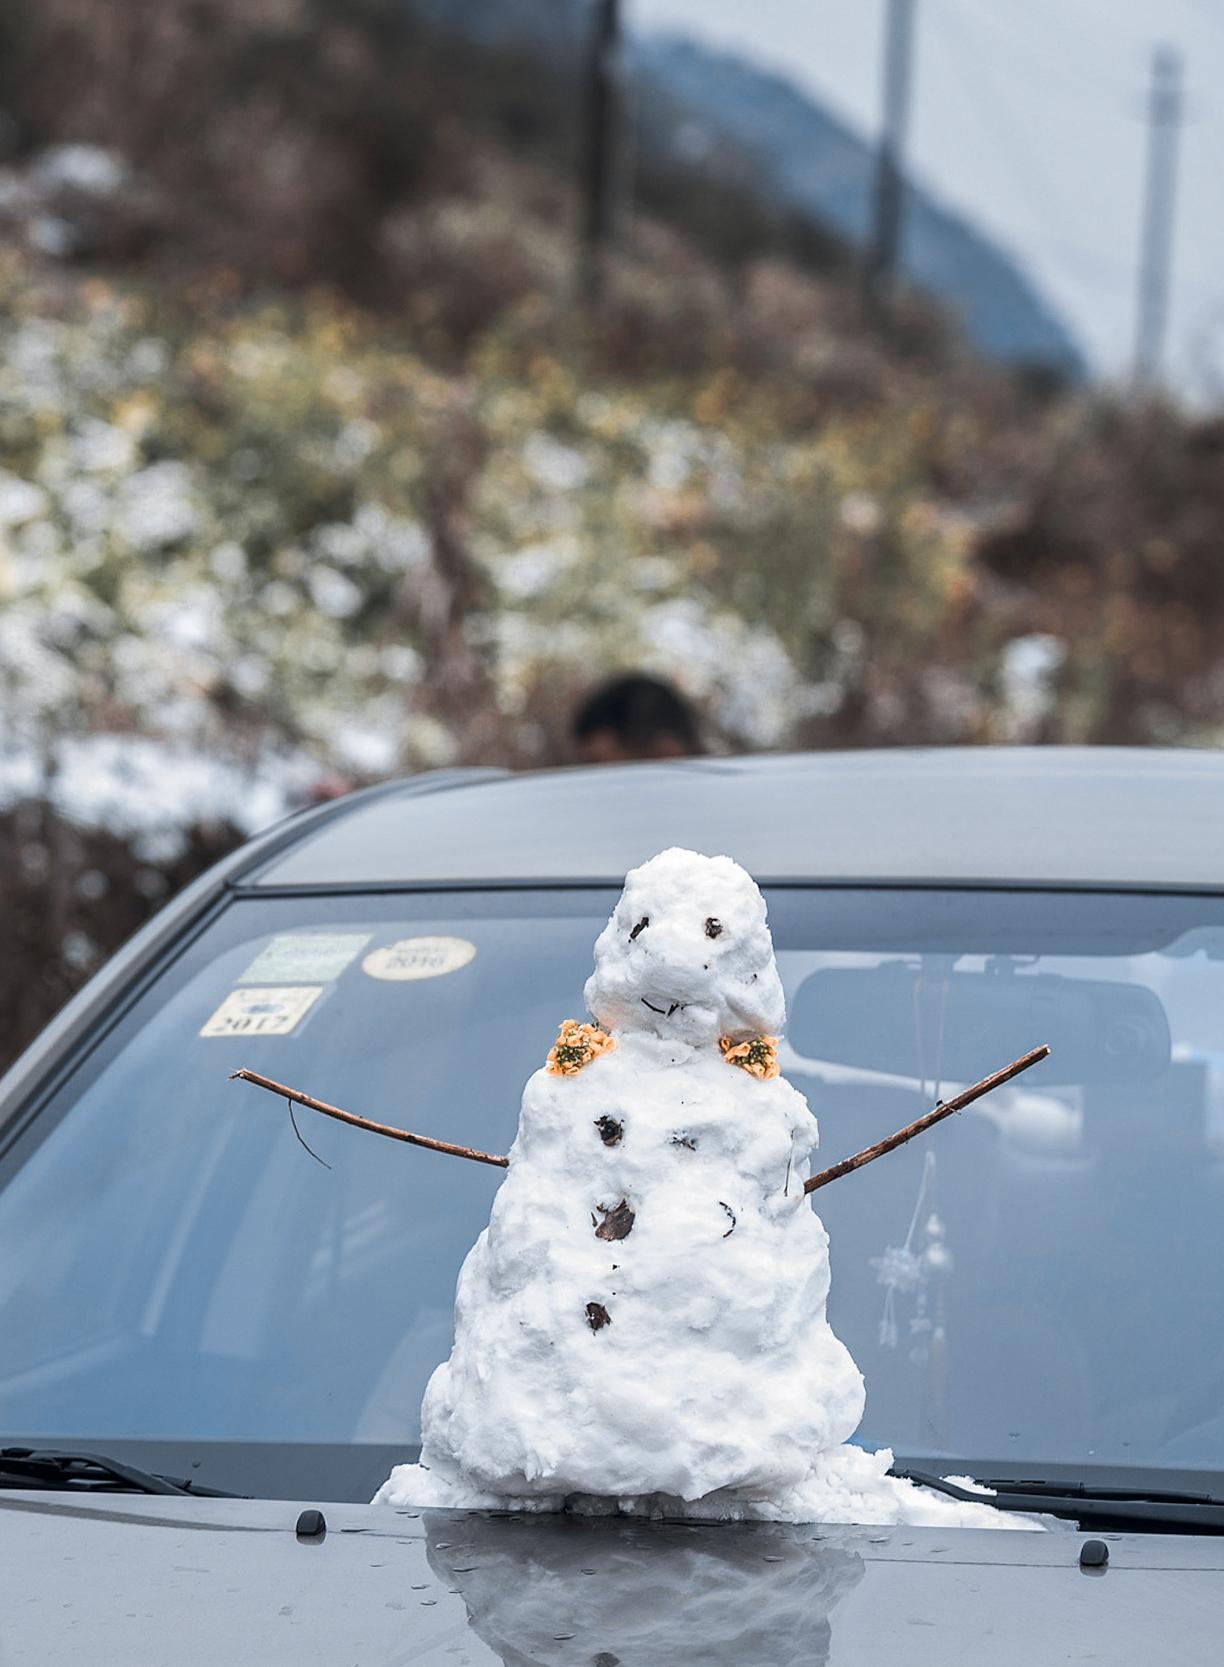 这个暖冬,寒潮为何如此猛烈?